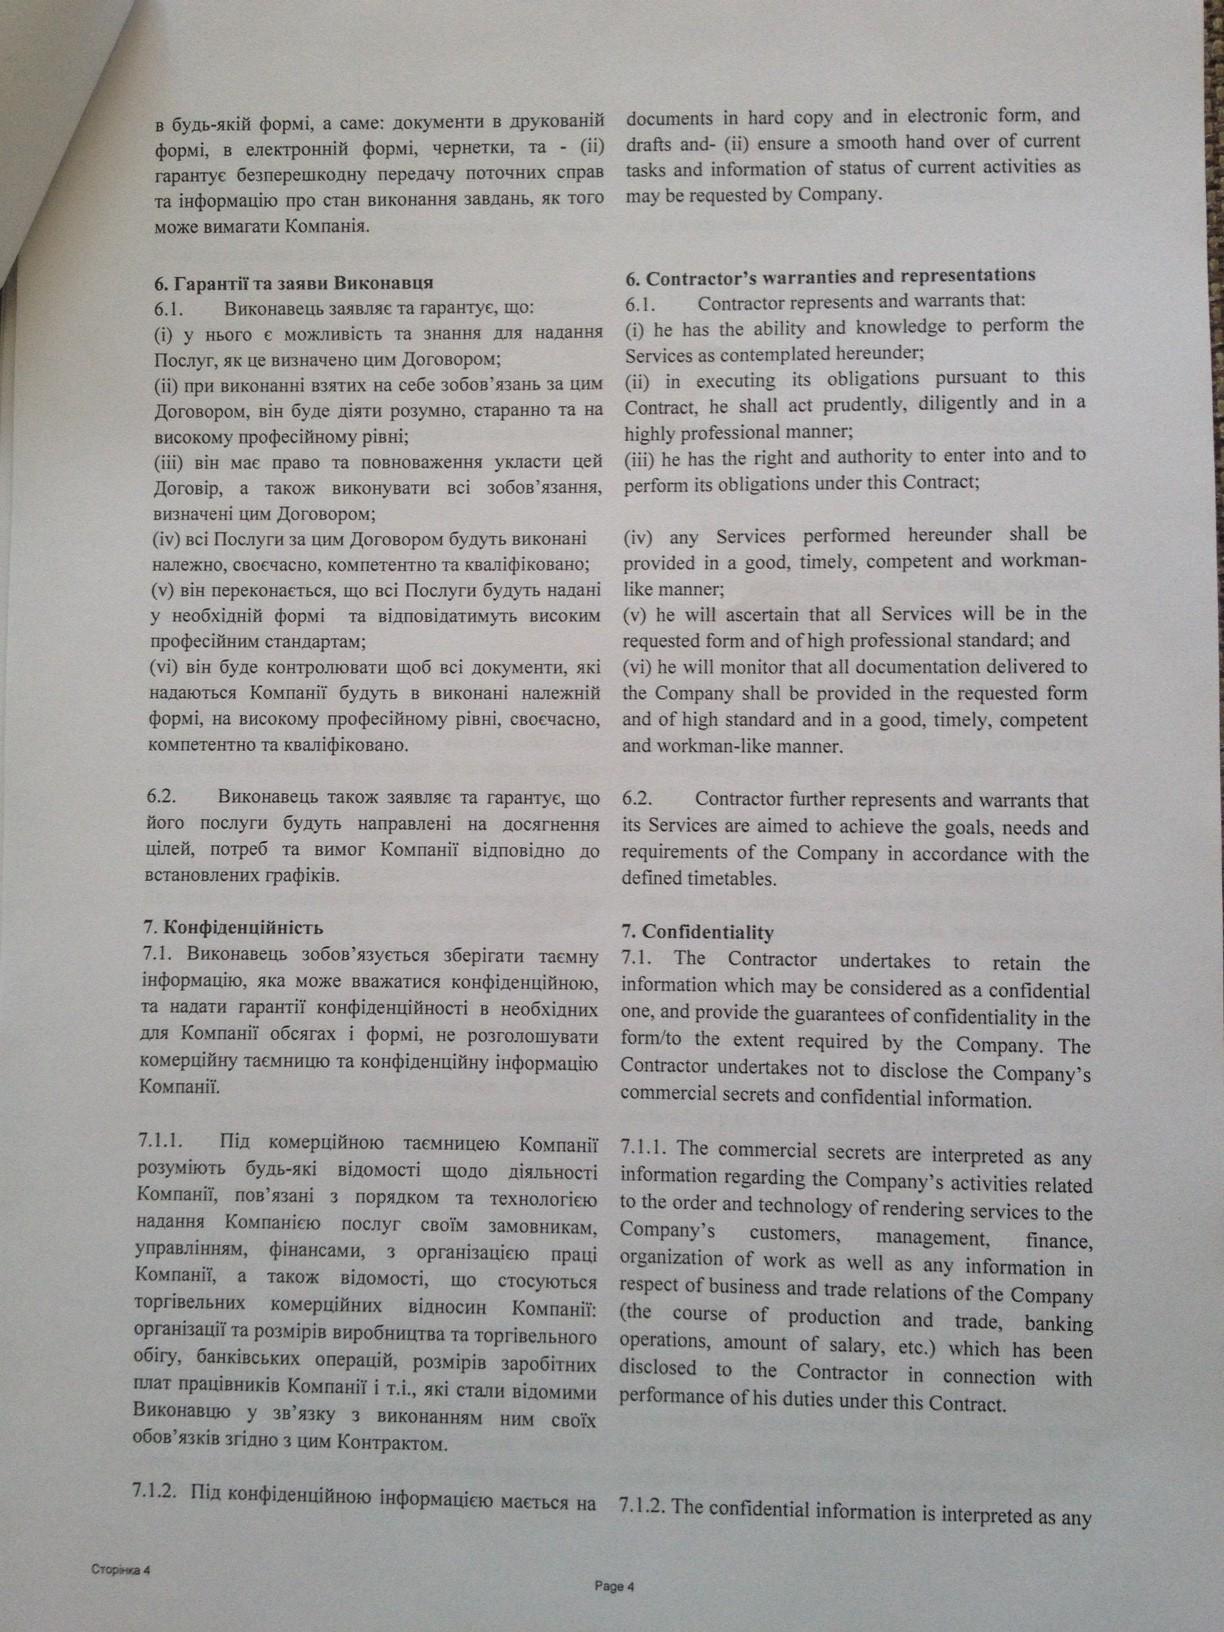 Фото Двуязычный договор об оказании услуг